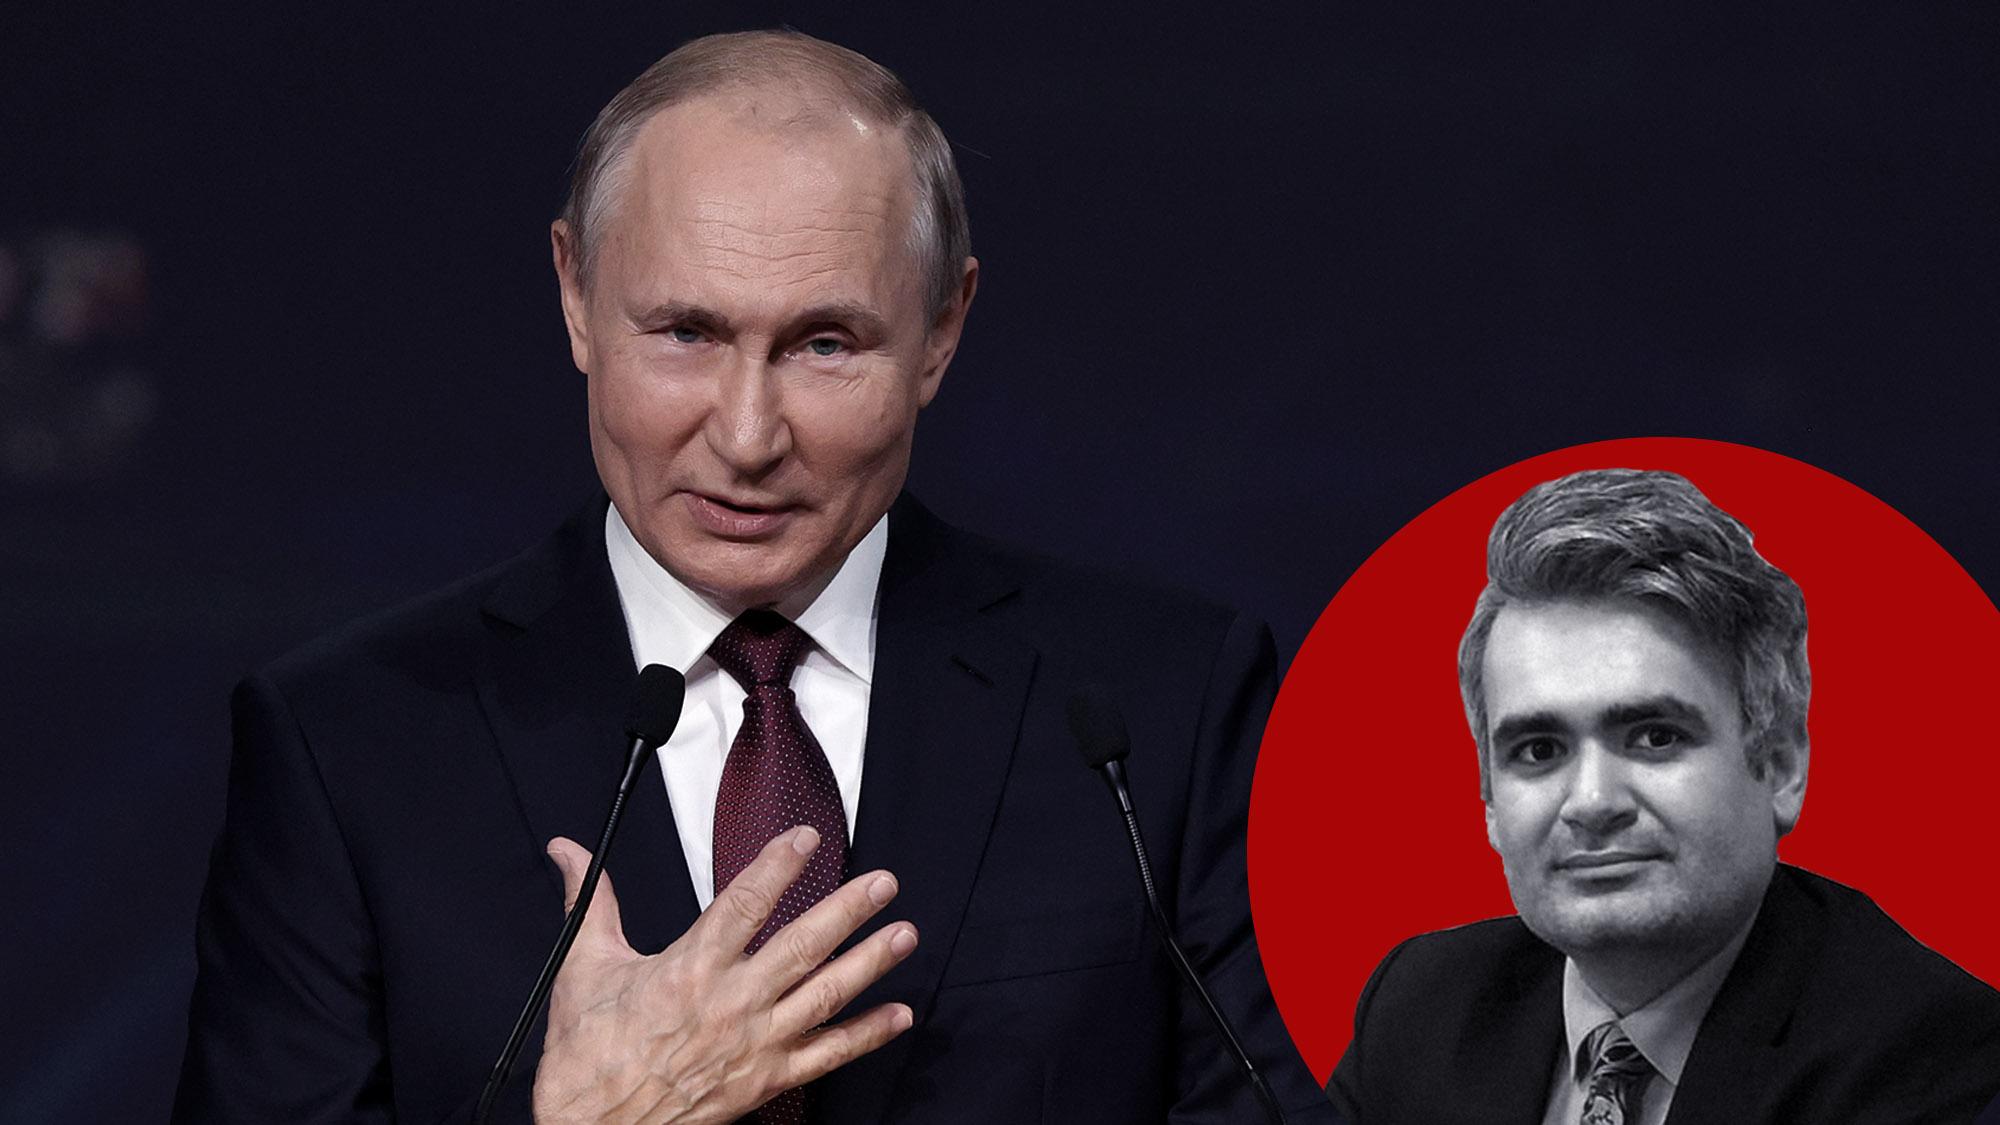 Лихой поворот: что пишут западные СМИ про слова Путина о Северном Потоке-2